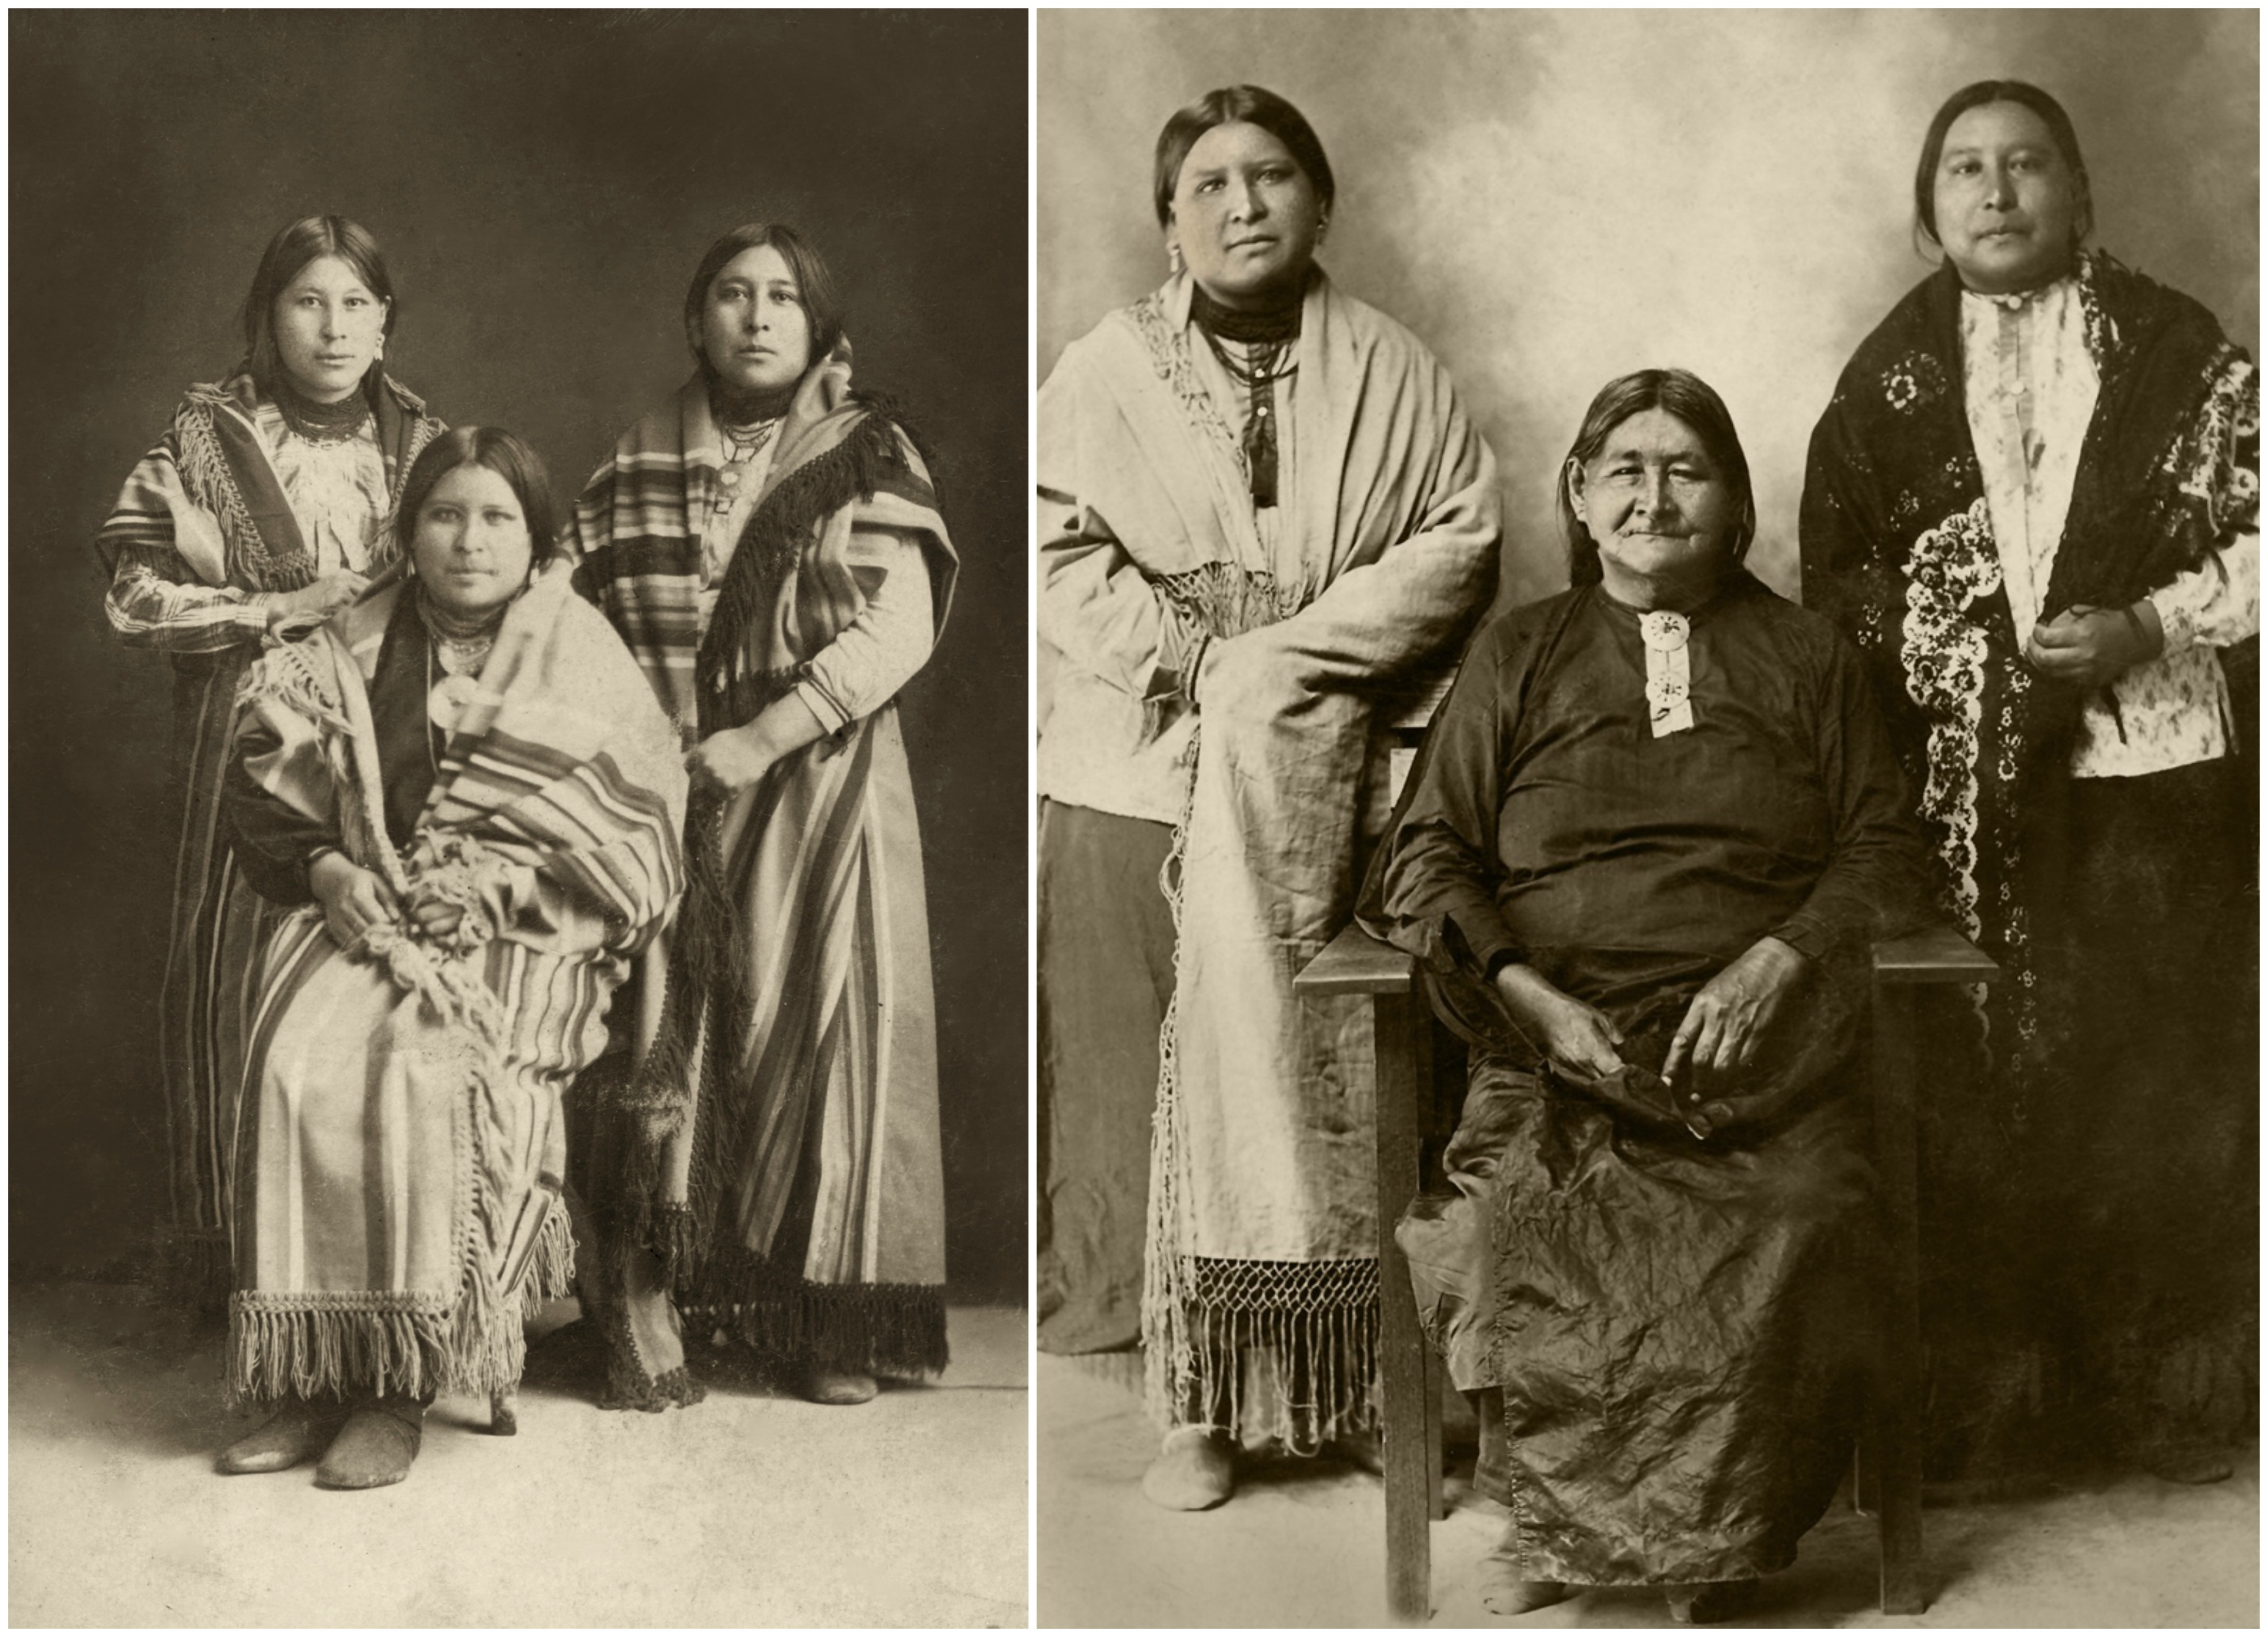 Na zdjęciu po lewej trzy siostry, od lewej kolejno: Minnie, Anna i Mollie. Na zdjęciu po prawej Anna (po lewej) i Mollie (po prawej) i ich matka Lizzie (fot. Eastnews)